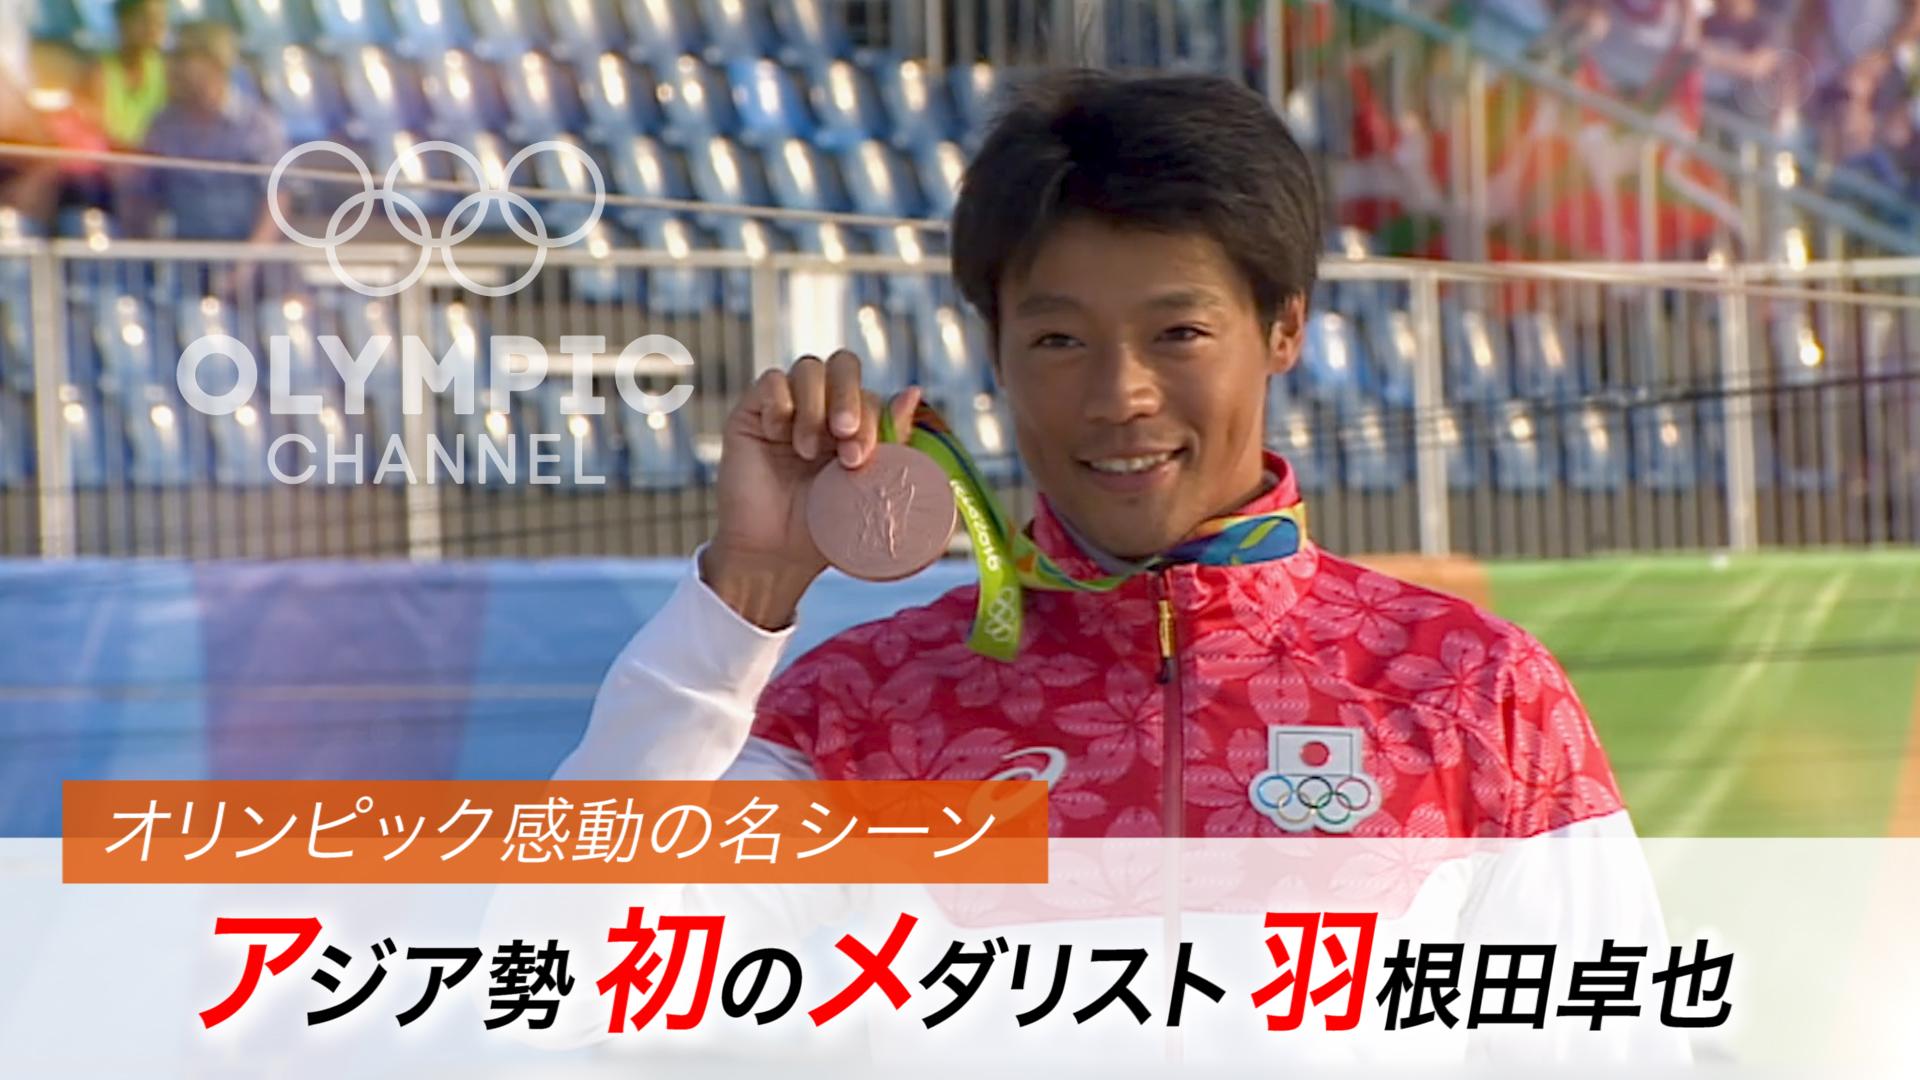 オリンピック感動の名シーン アジア勢初のメダリスト 羽根田卓也